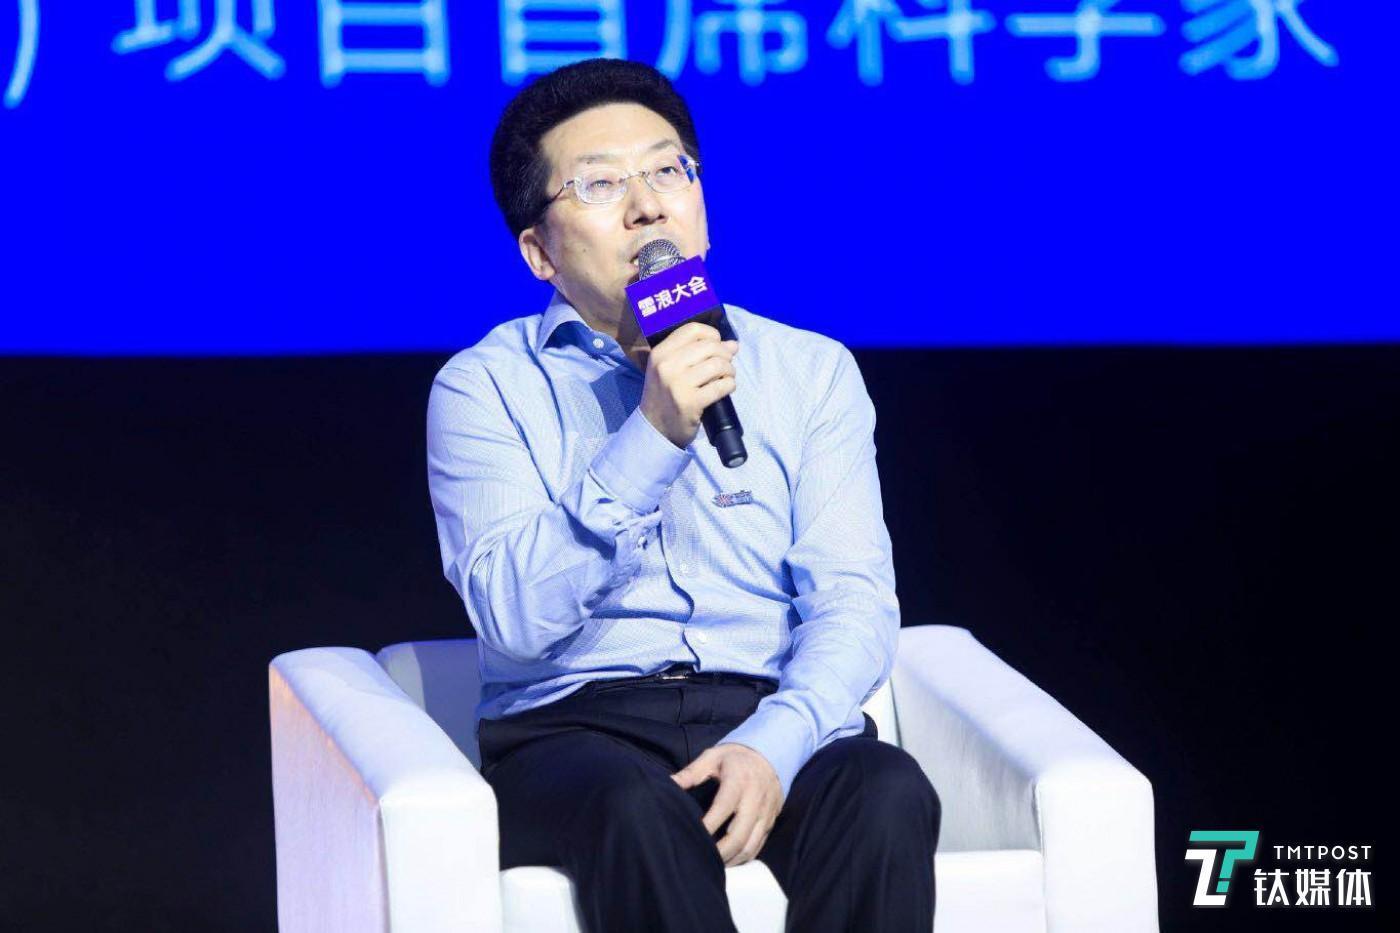 无锡市雪浪小镇建设领导小组办公室主任冯爱东